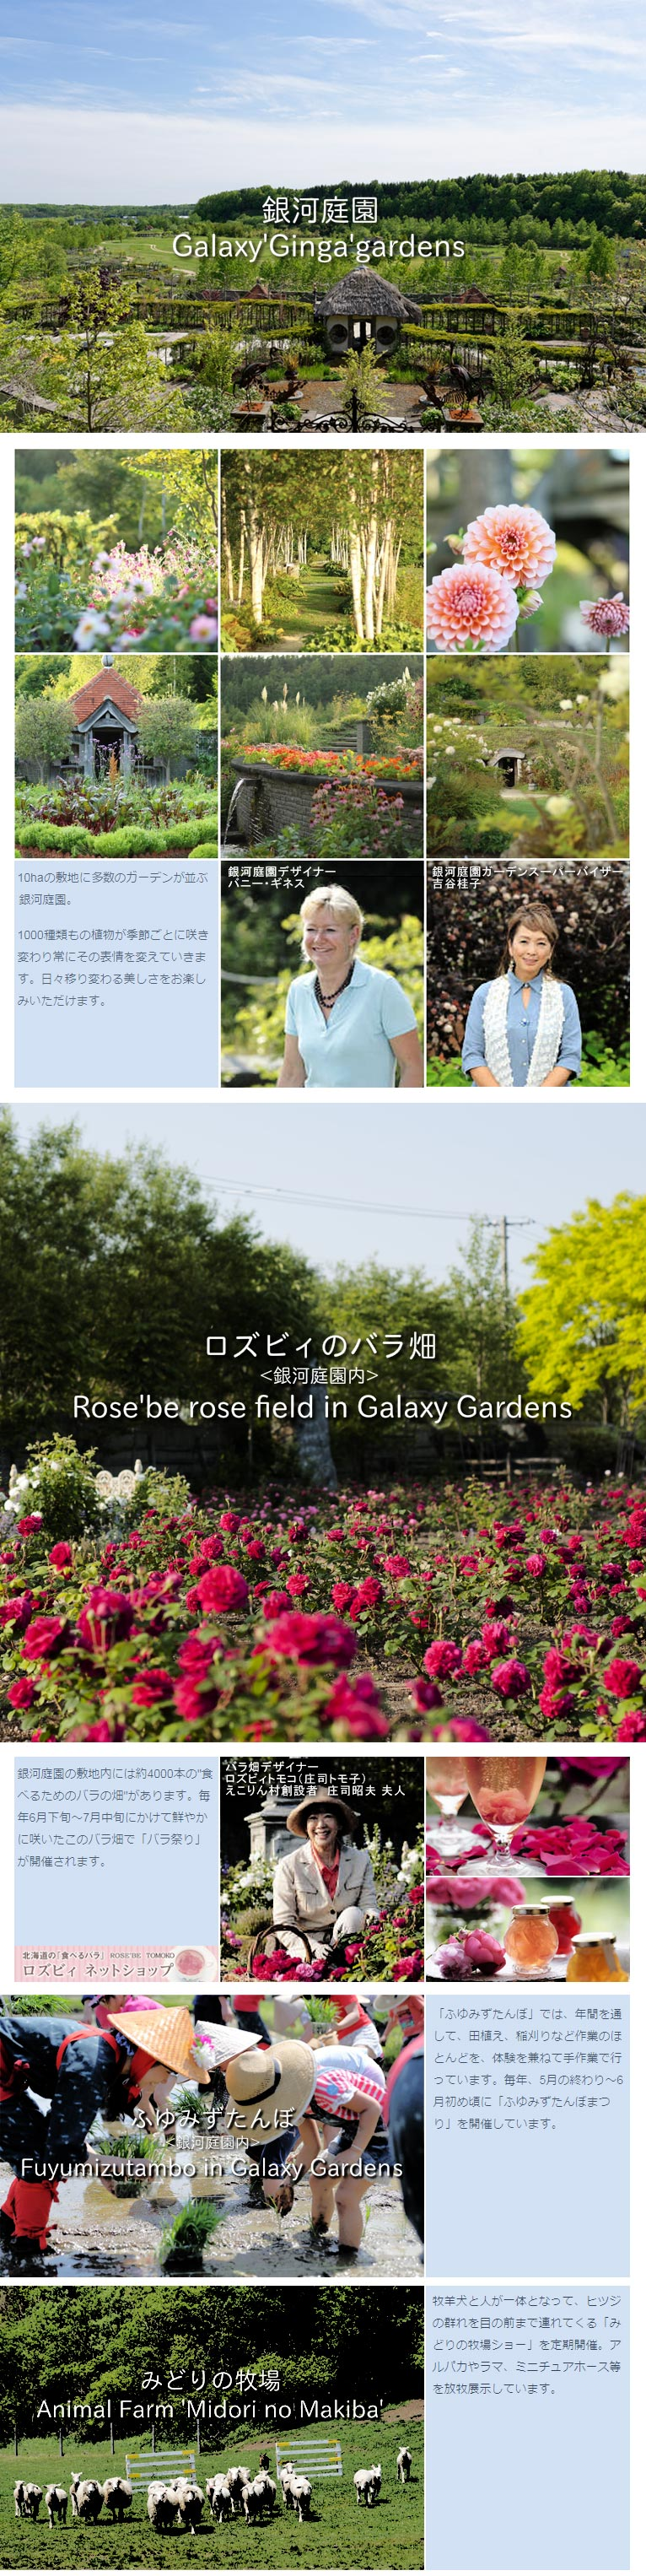 えこりん村  銀河庭園 紹介ページ